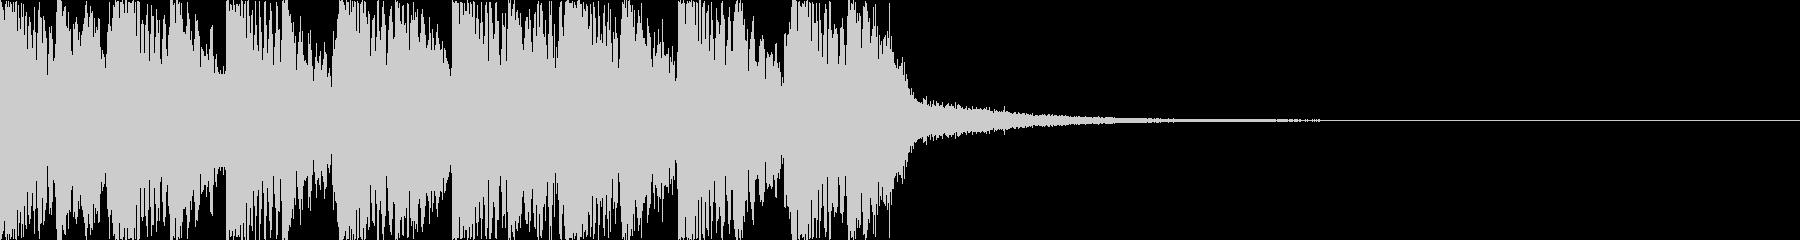 キャッチーオーケストラEDM7の未再生の波形